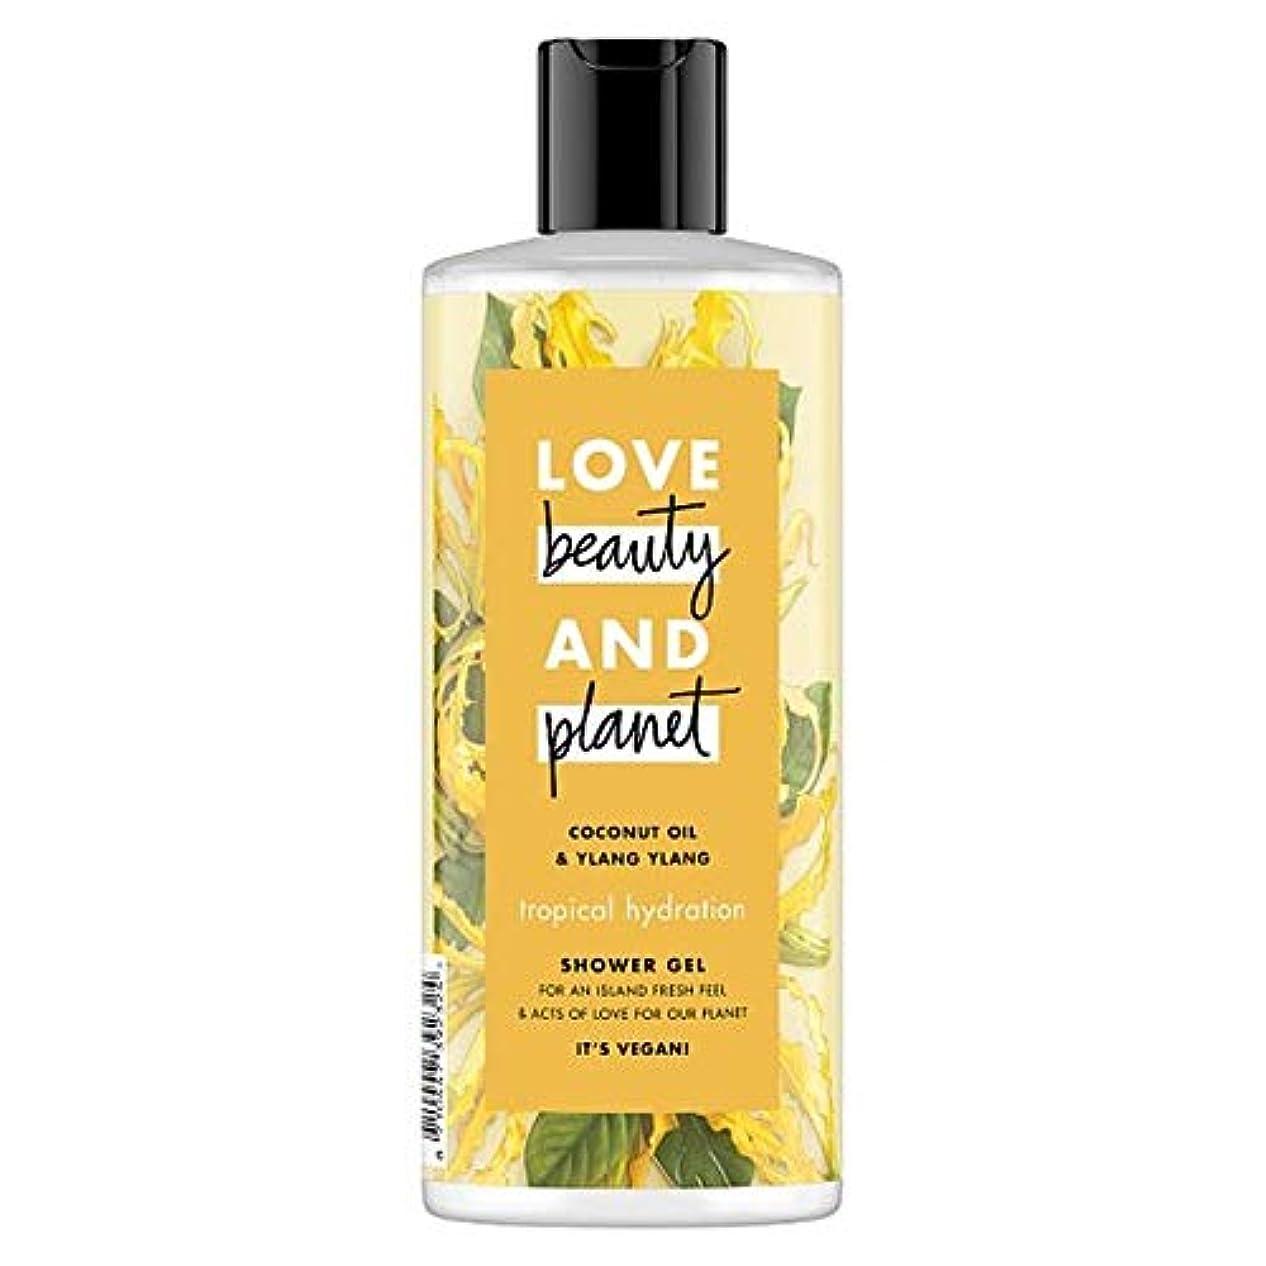 自己尊重機密平らな[Dove ] 美しさと惑星イランのシャワージェル500ミリリットルを愛します - Love Beauty And Planet Ylang Shower Gel 500Ml [並行輸入品]